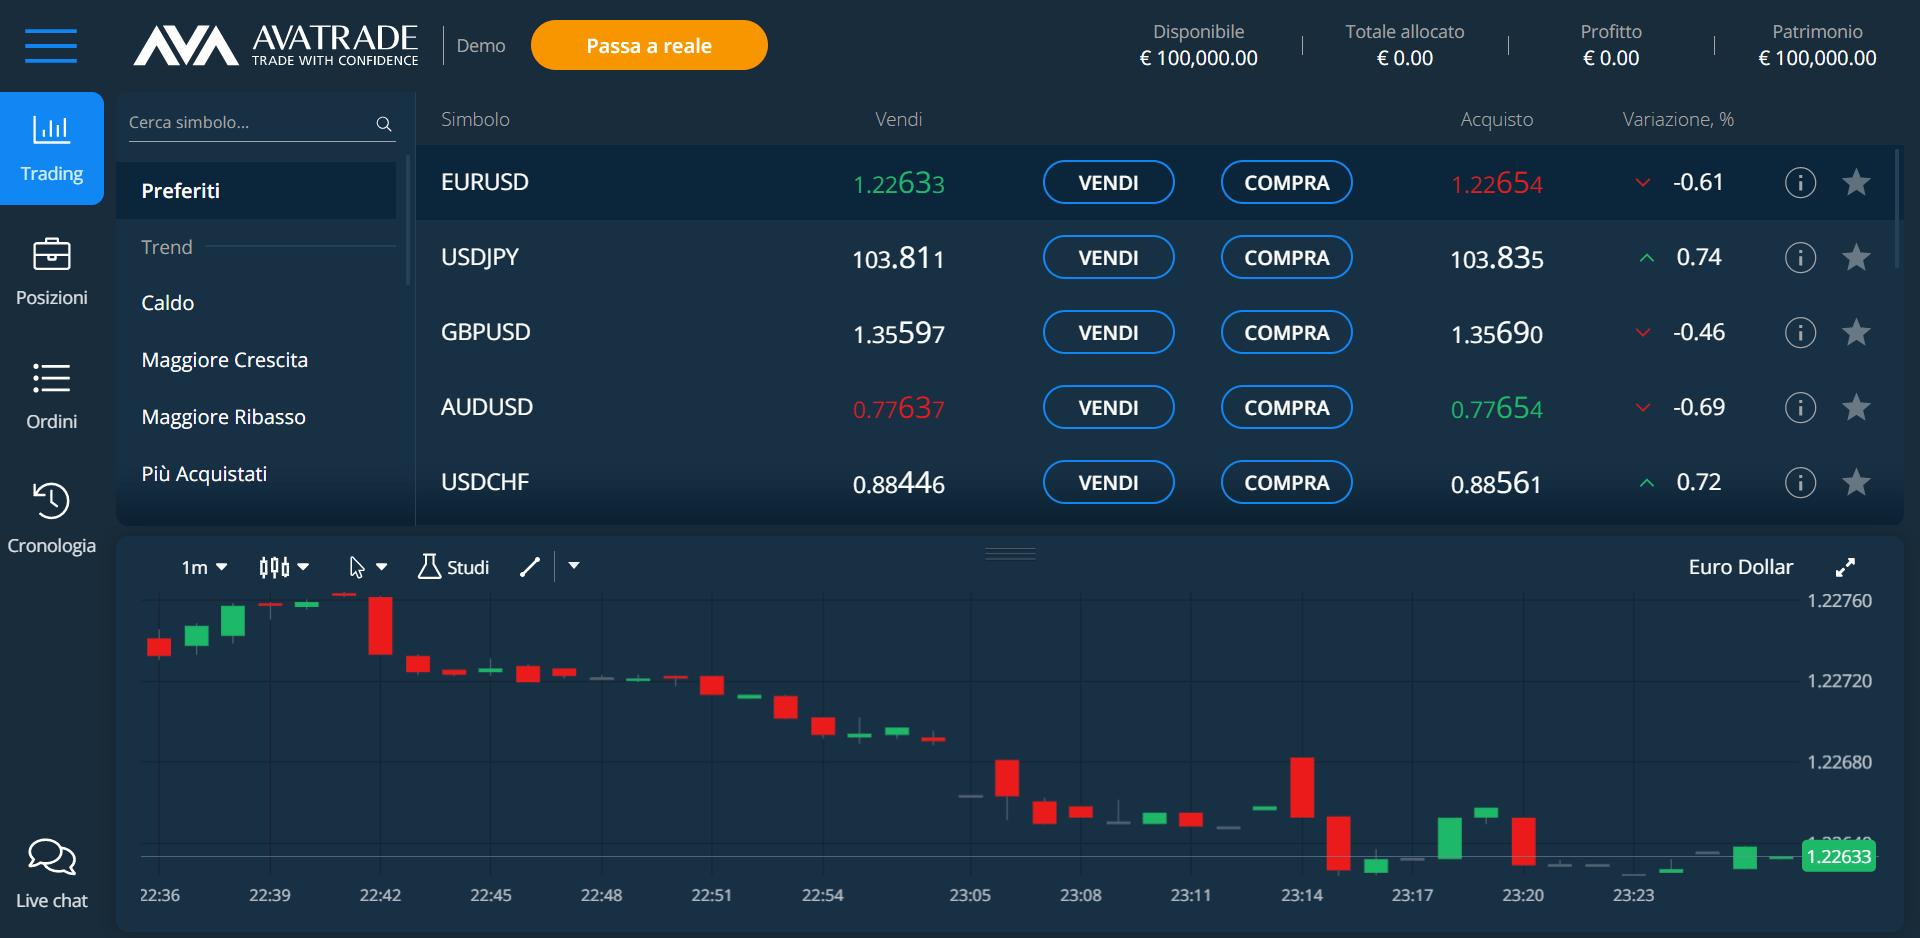 La piattaforma di trading Avatrade